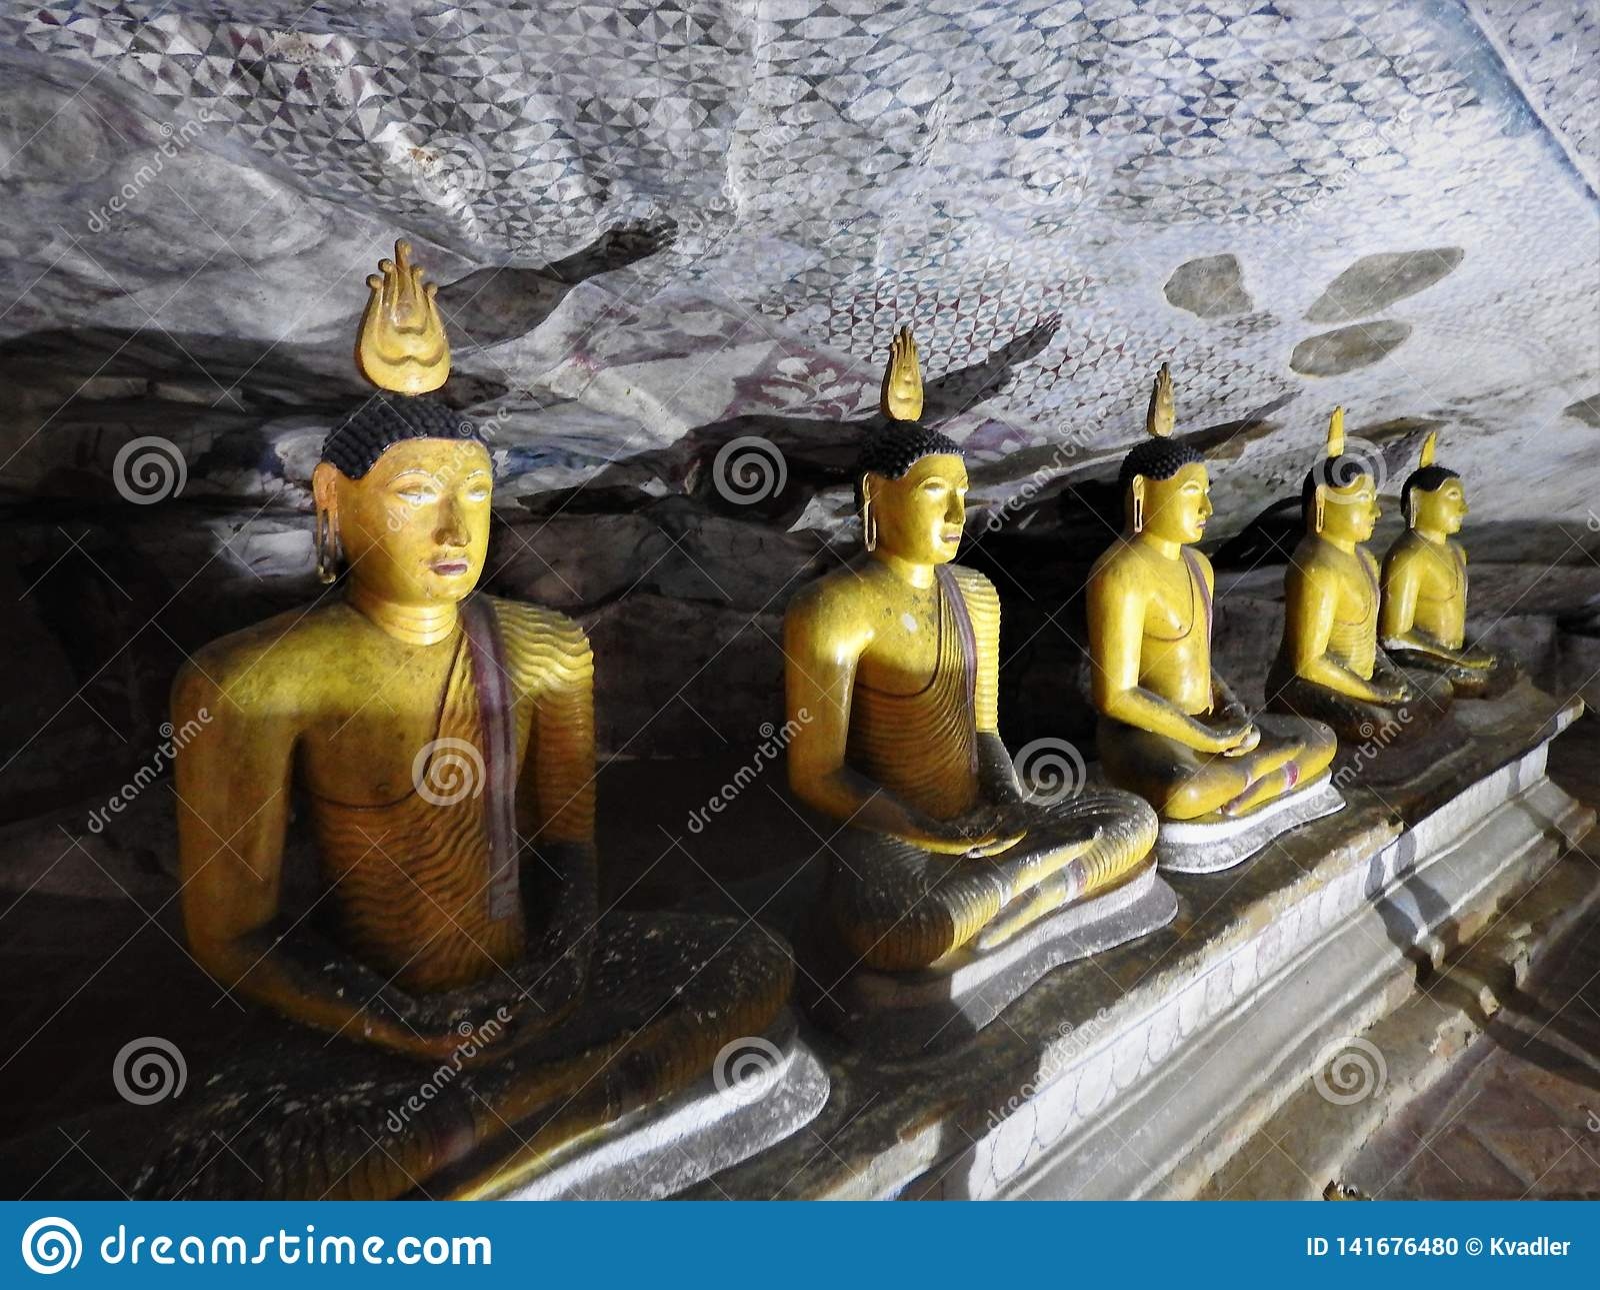 El templo de oro de Dambulla es sitio del patrimonio mundial y tiene un total de un total de 153 estatuas de Buda, tres estatuas